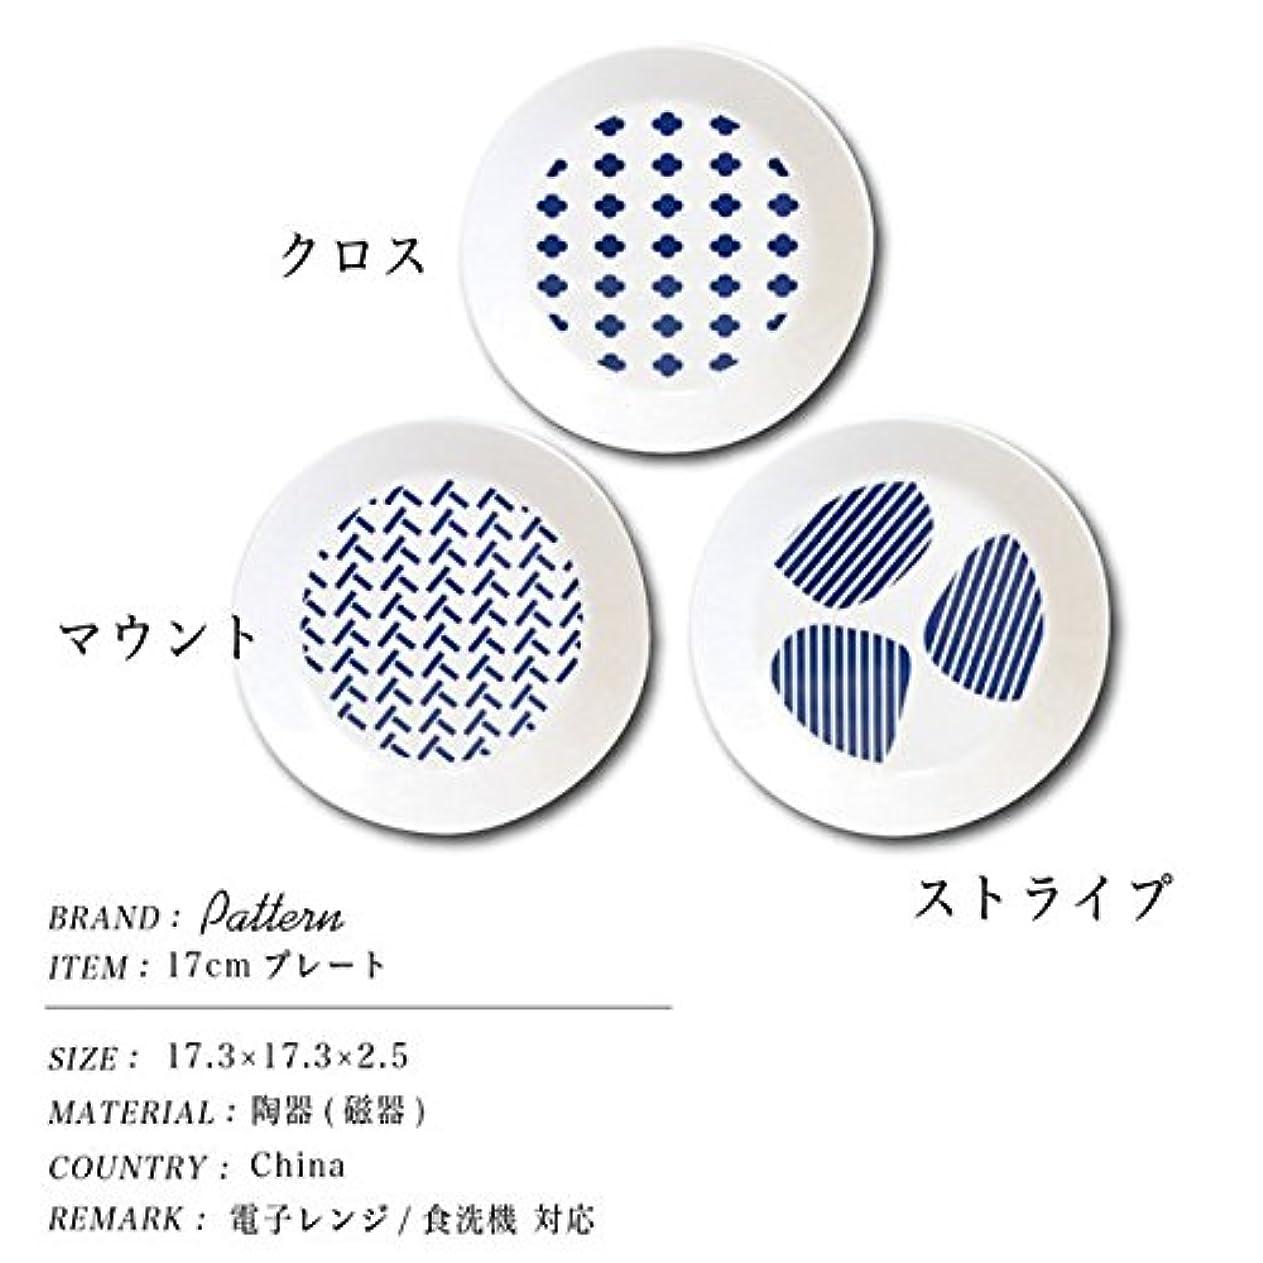 専門用語スツール差別的RO17-ST-NA Pattern パターン【ネイビー】STRIPE【17cm プレート】